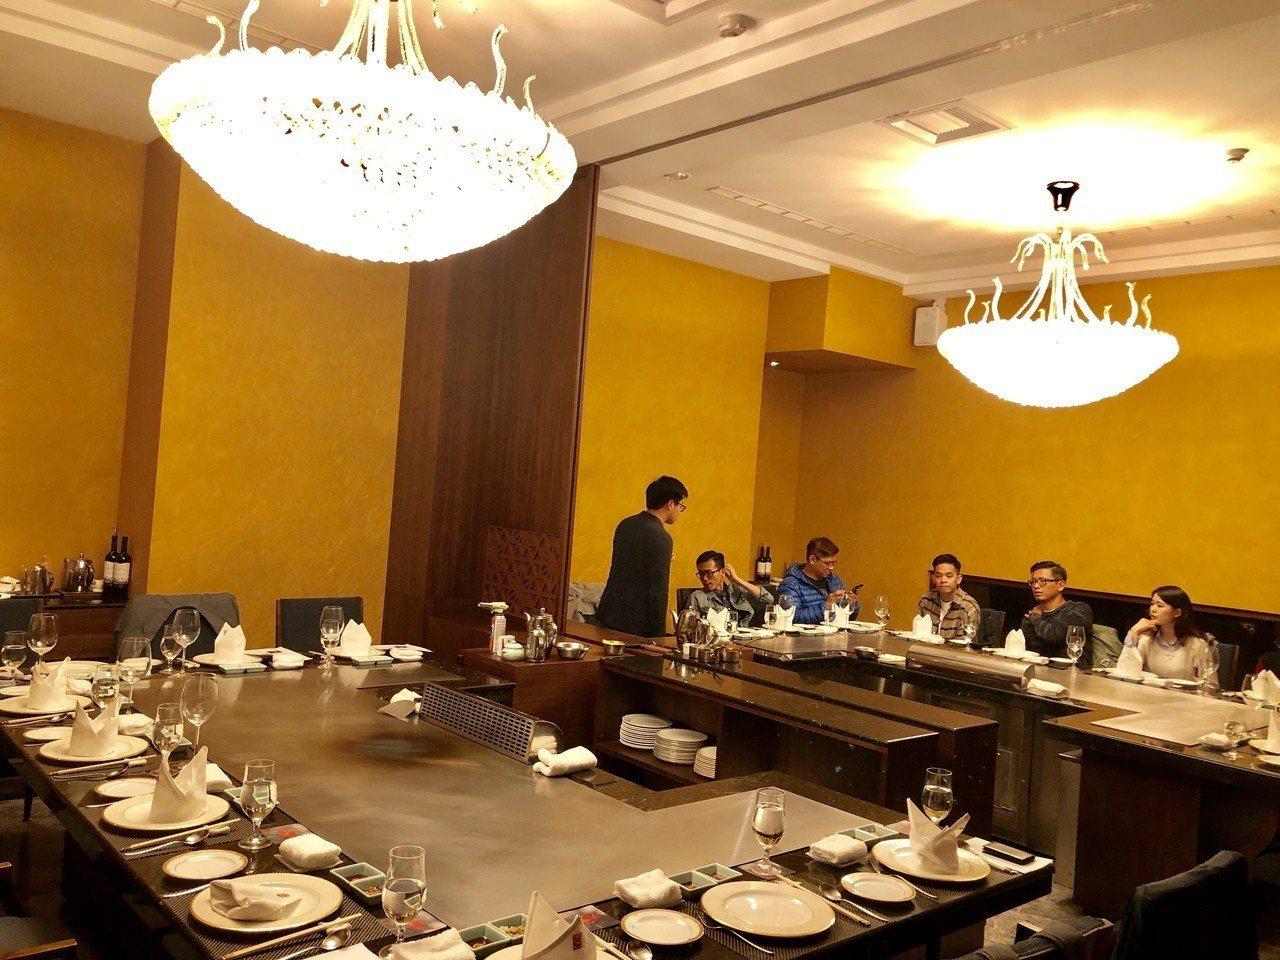 紅花鐡板燒包廂式的用餐環境,營造專屬尊榮感,50人的小型宴會廳更是堪稱市場唯一。...